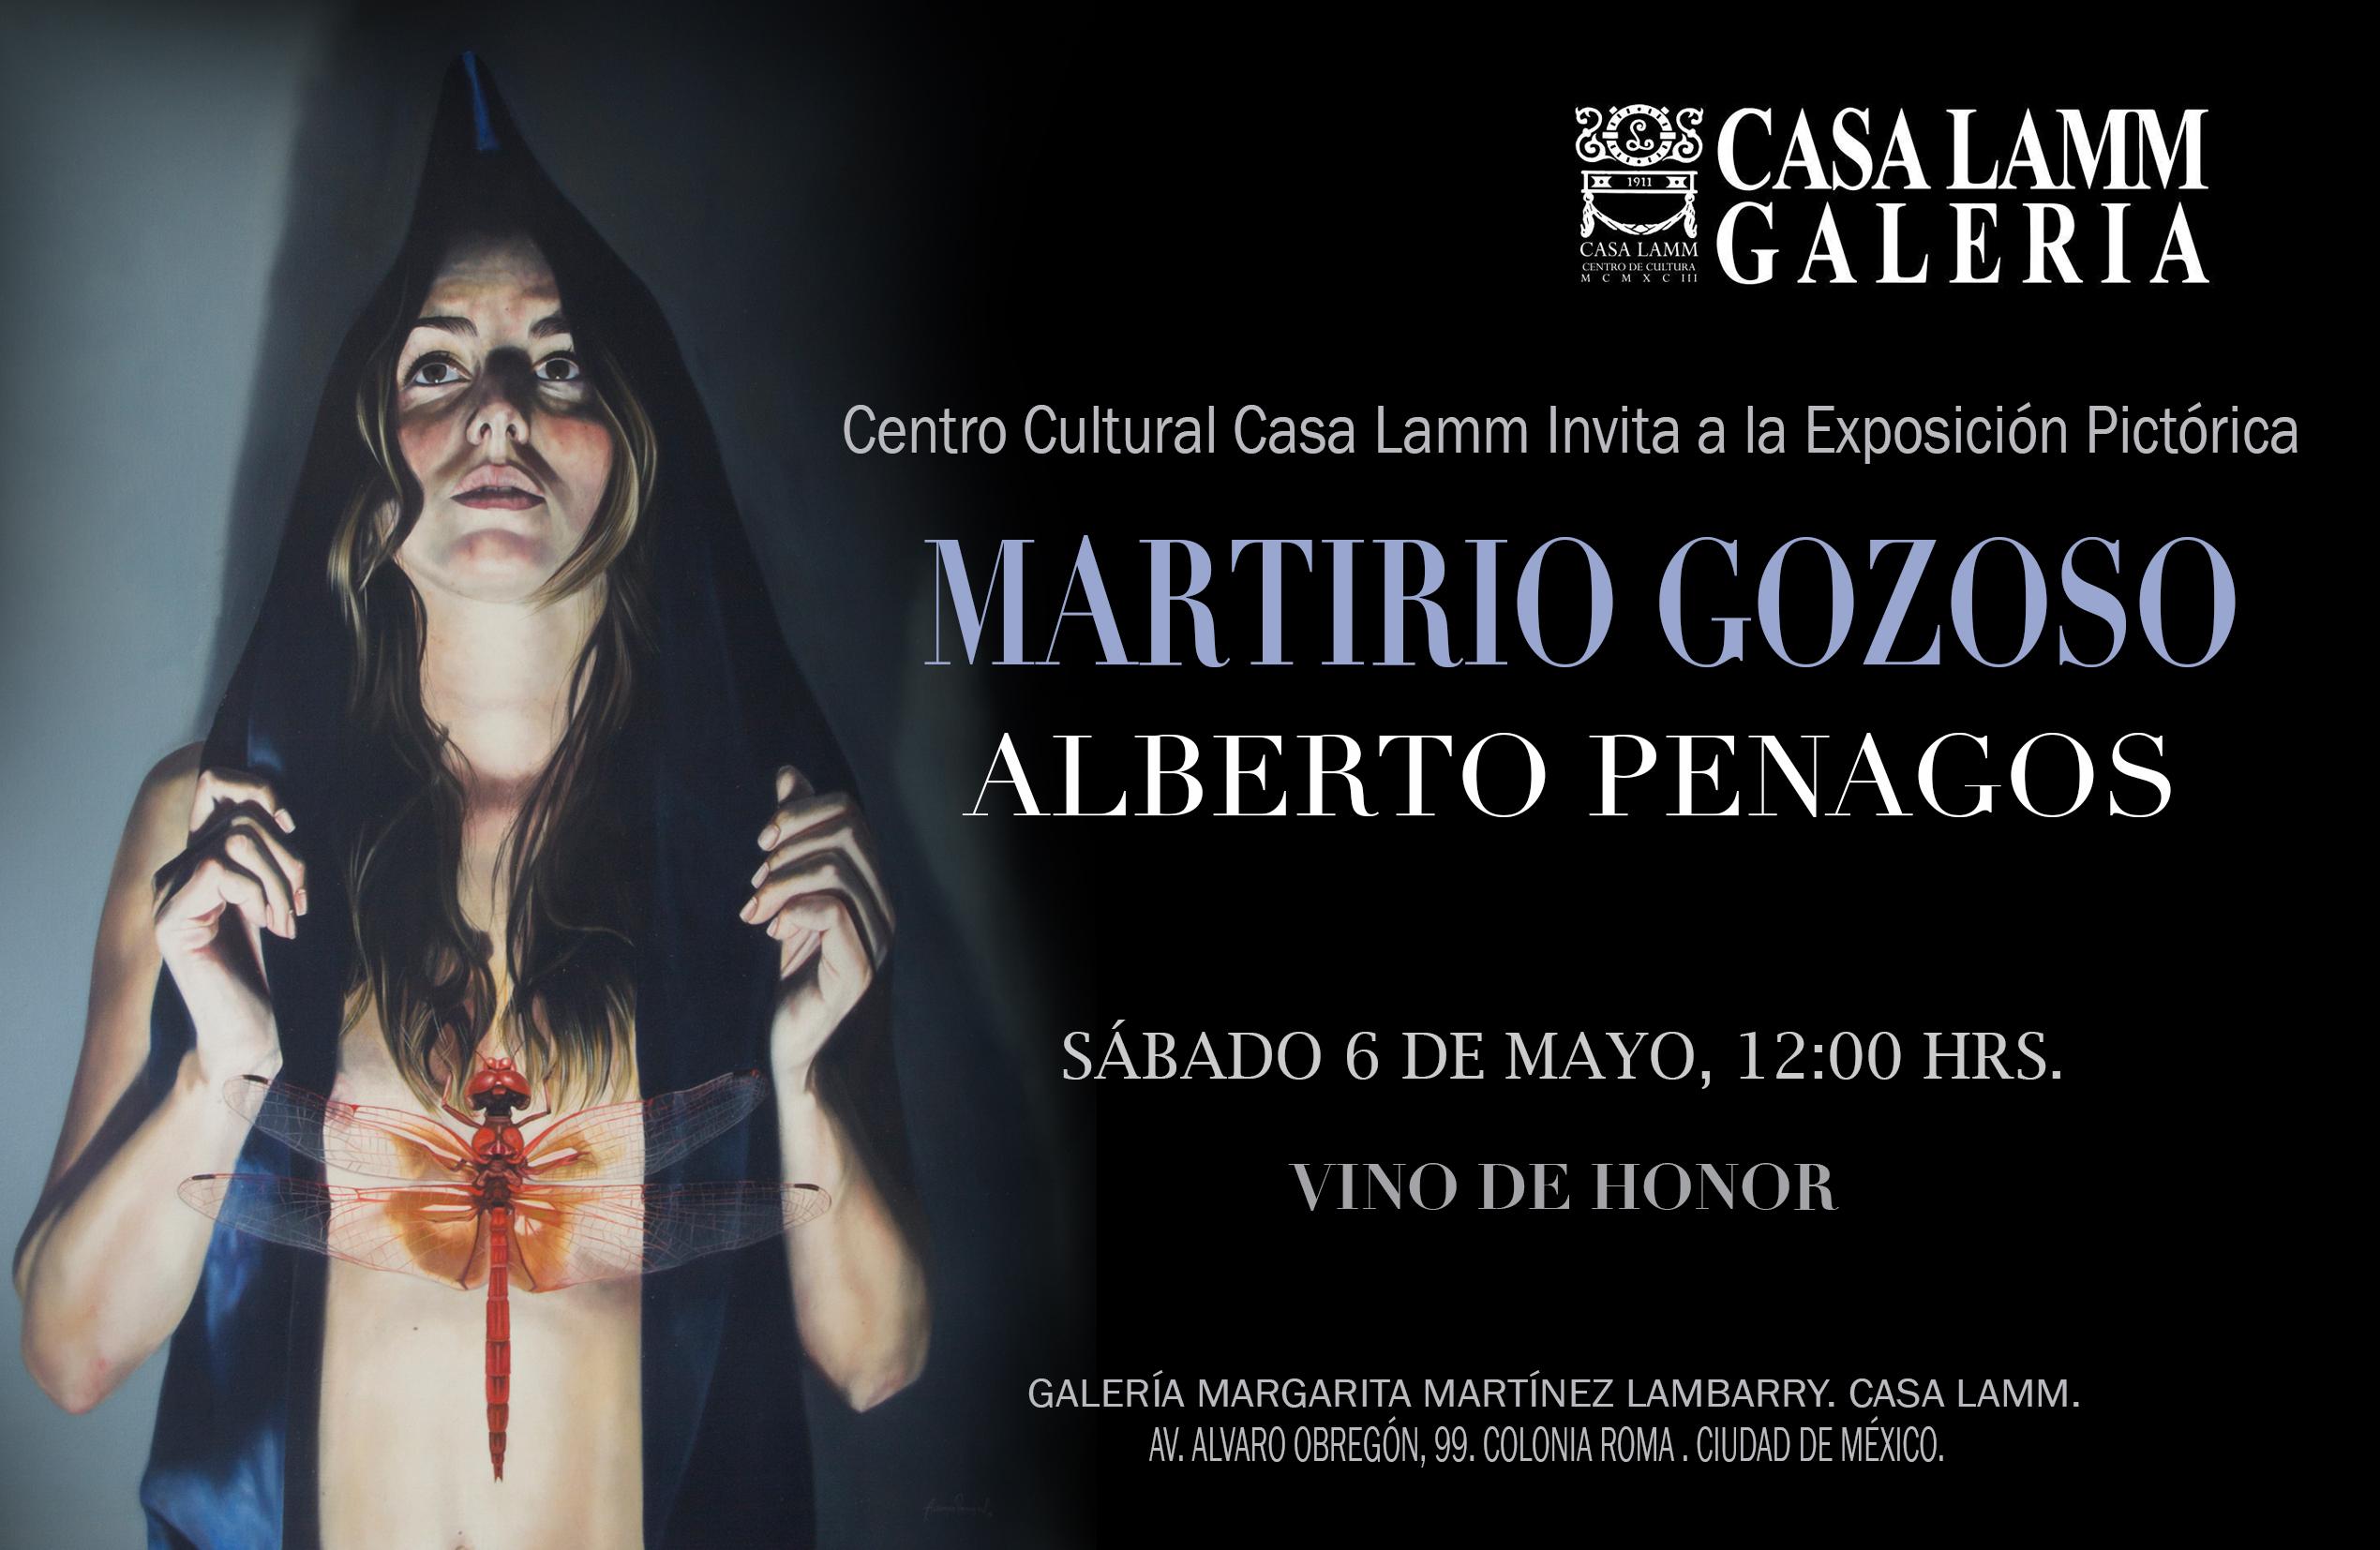 MARTIRIO GOZOSO INVITACIÓN ´SABADO 6 MAYO CASA LAMM.jpg